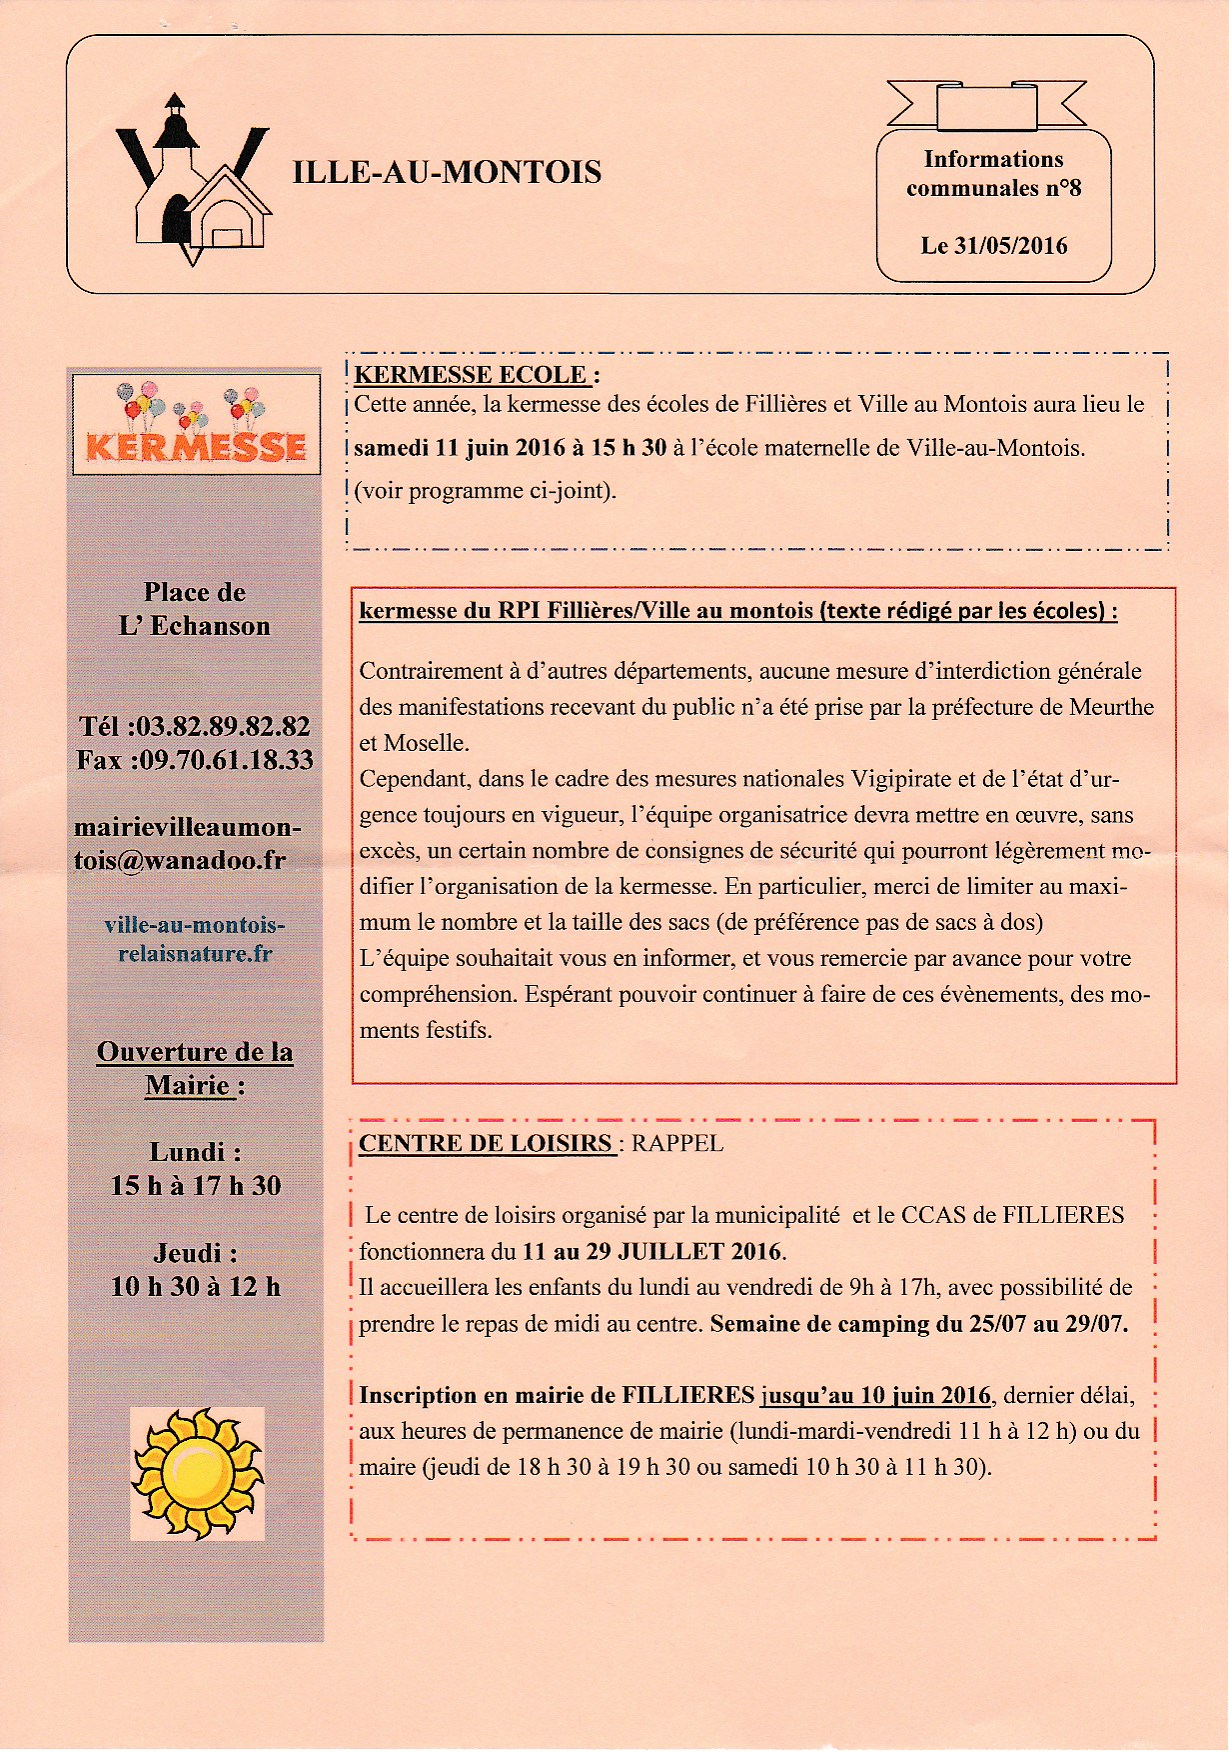 info-n8-2016-1